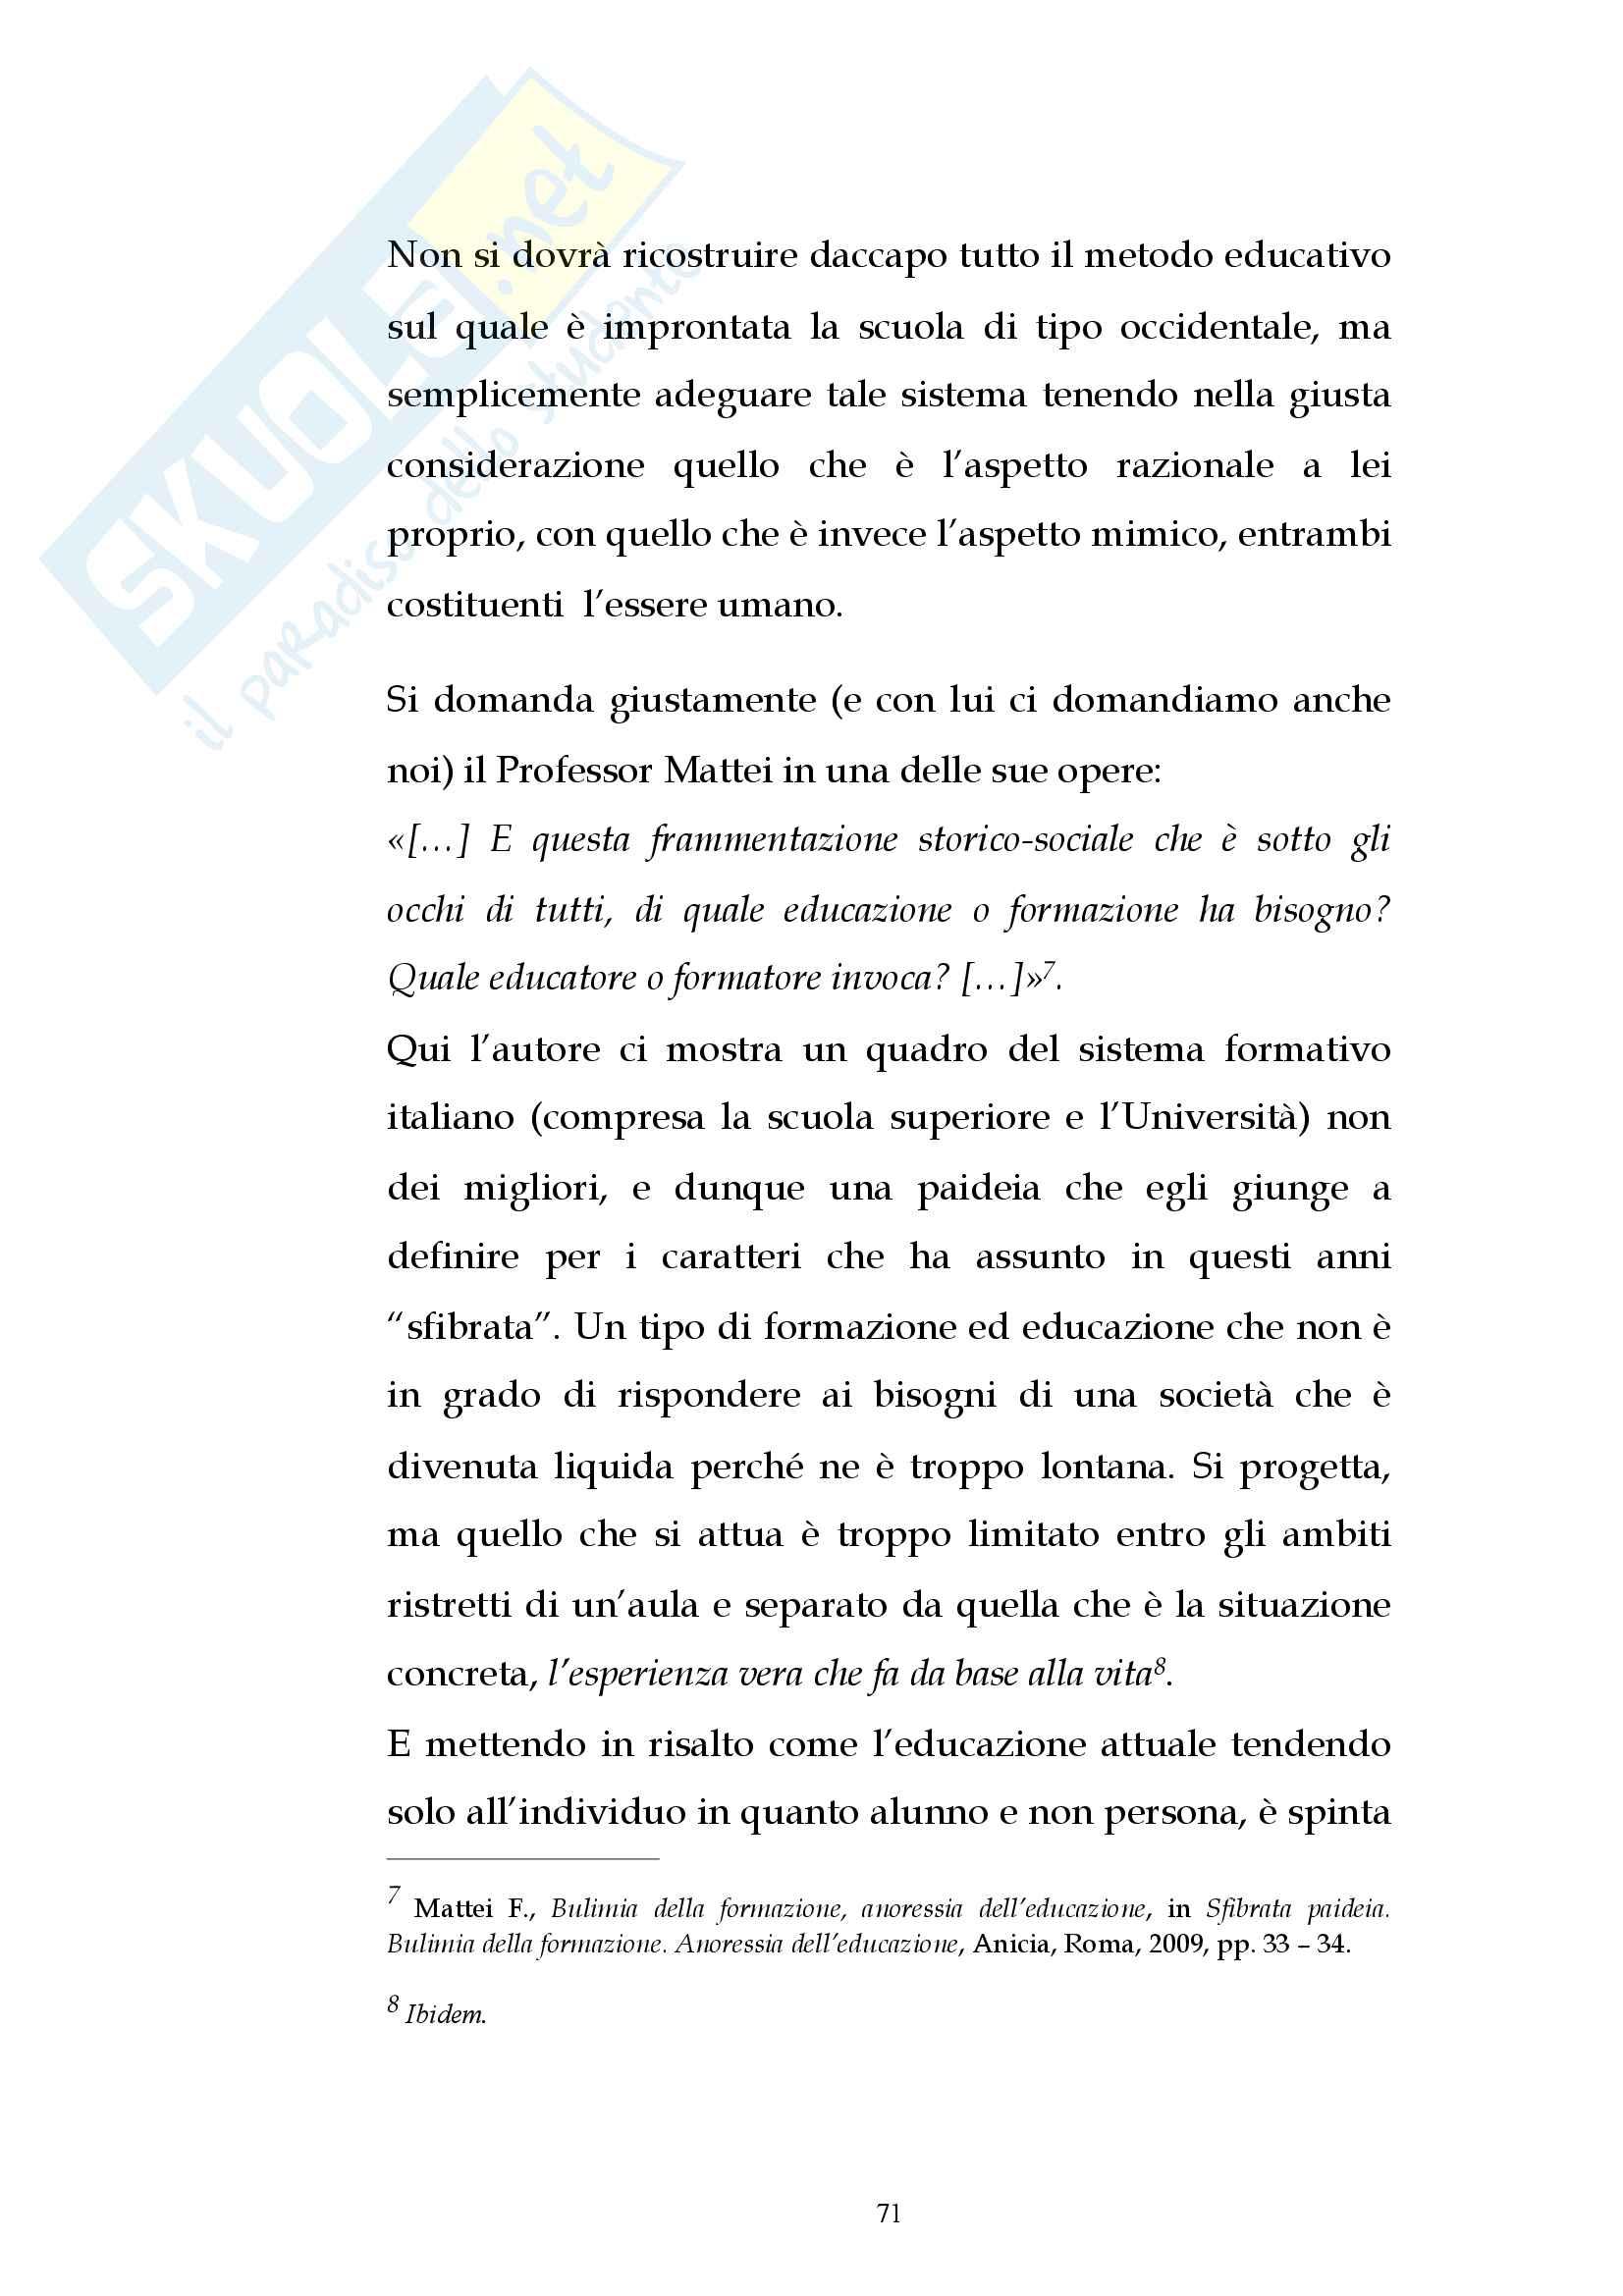 Educazione e Mimesis, Candidi Anna Debora Pag. 71